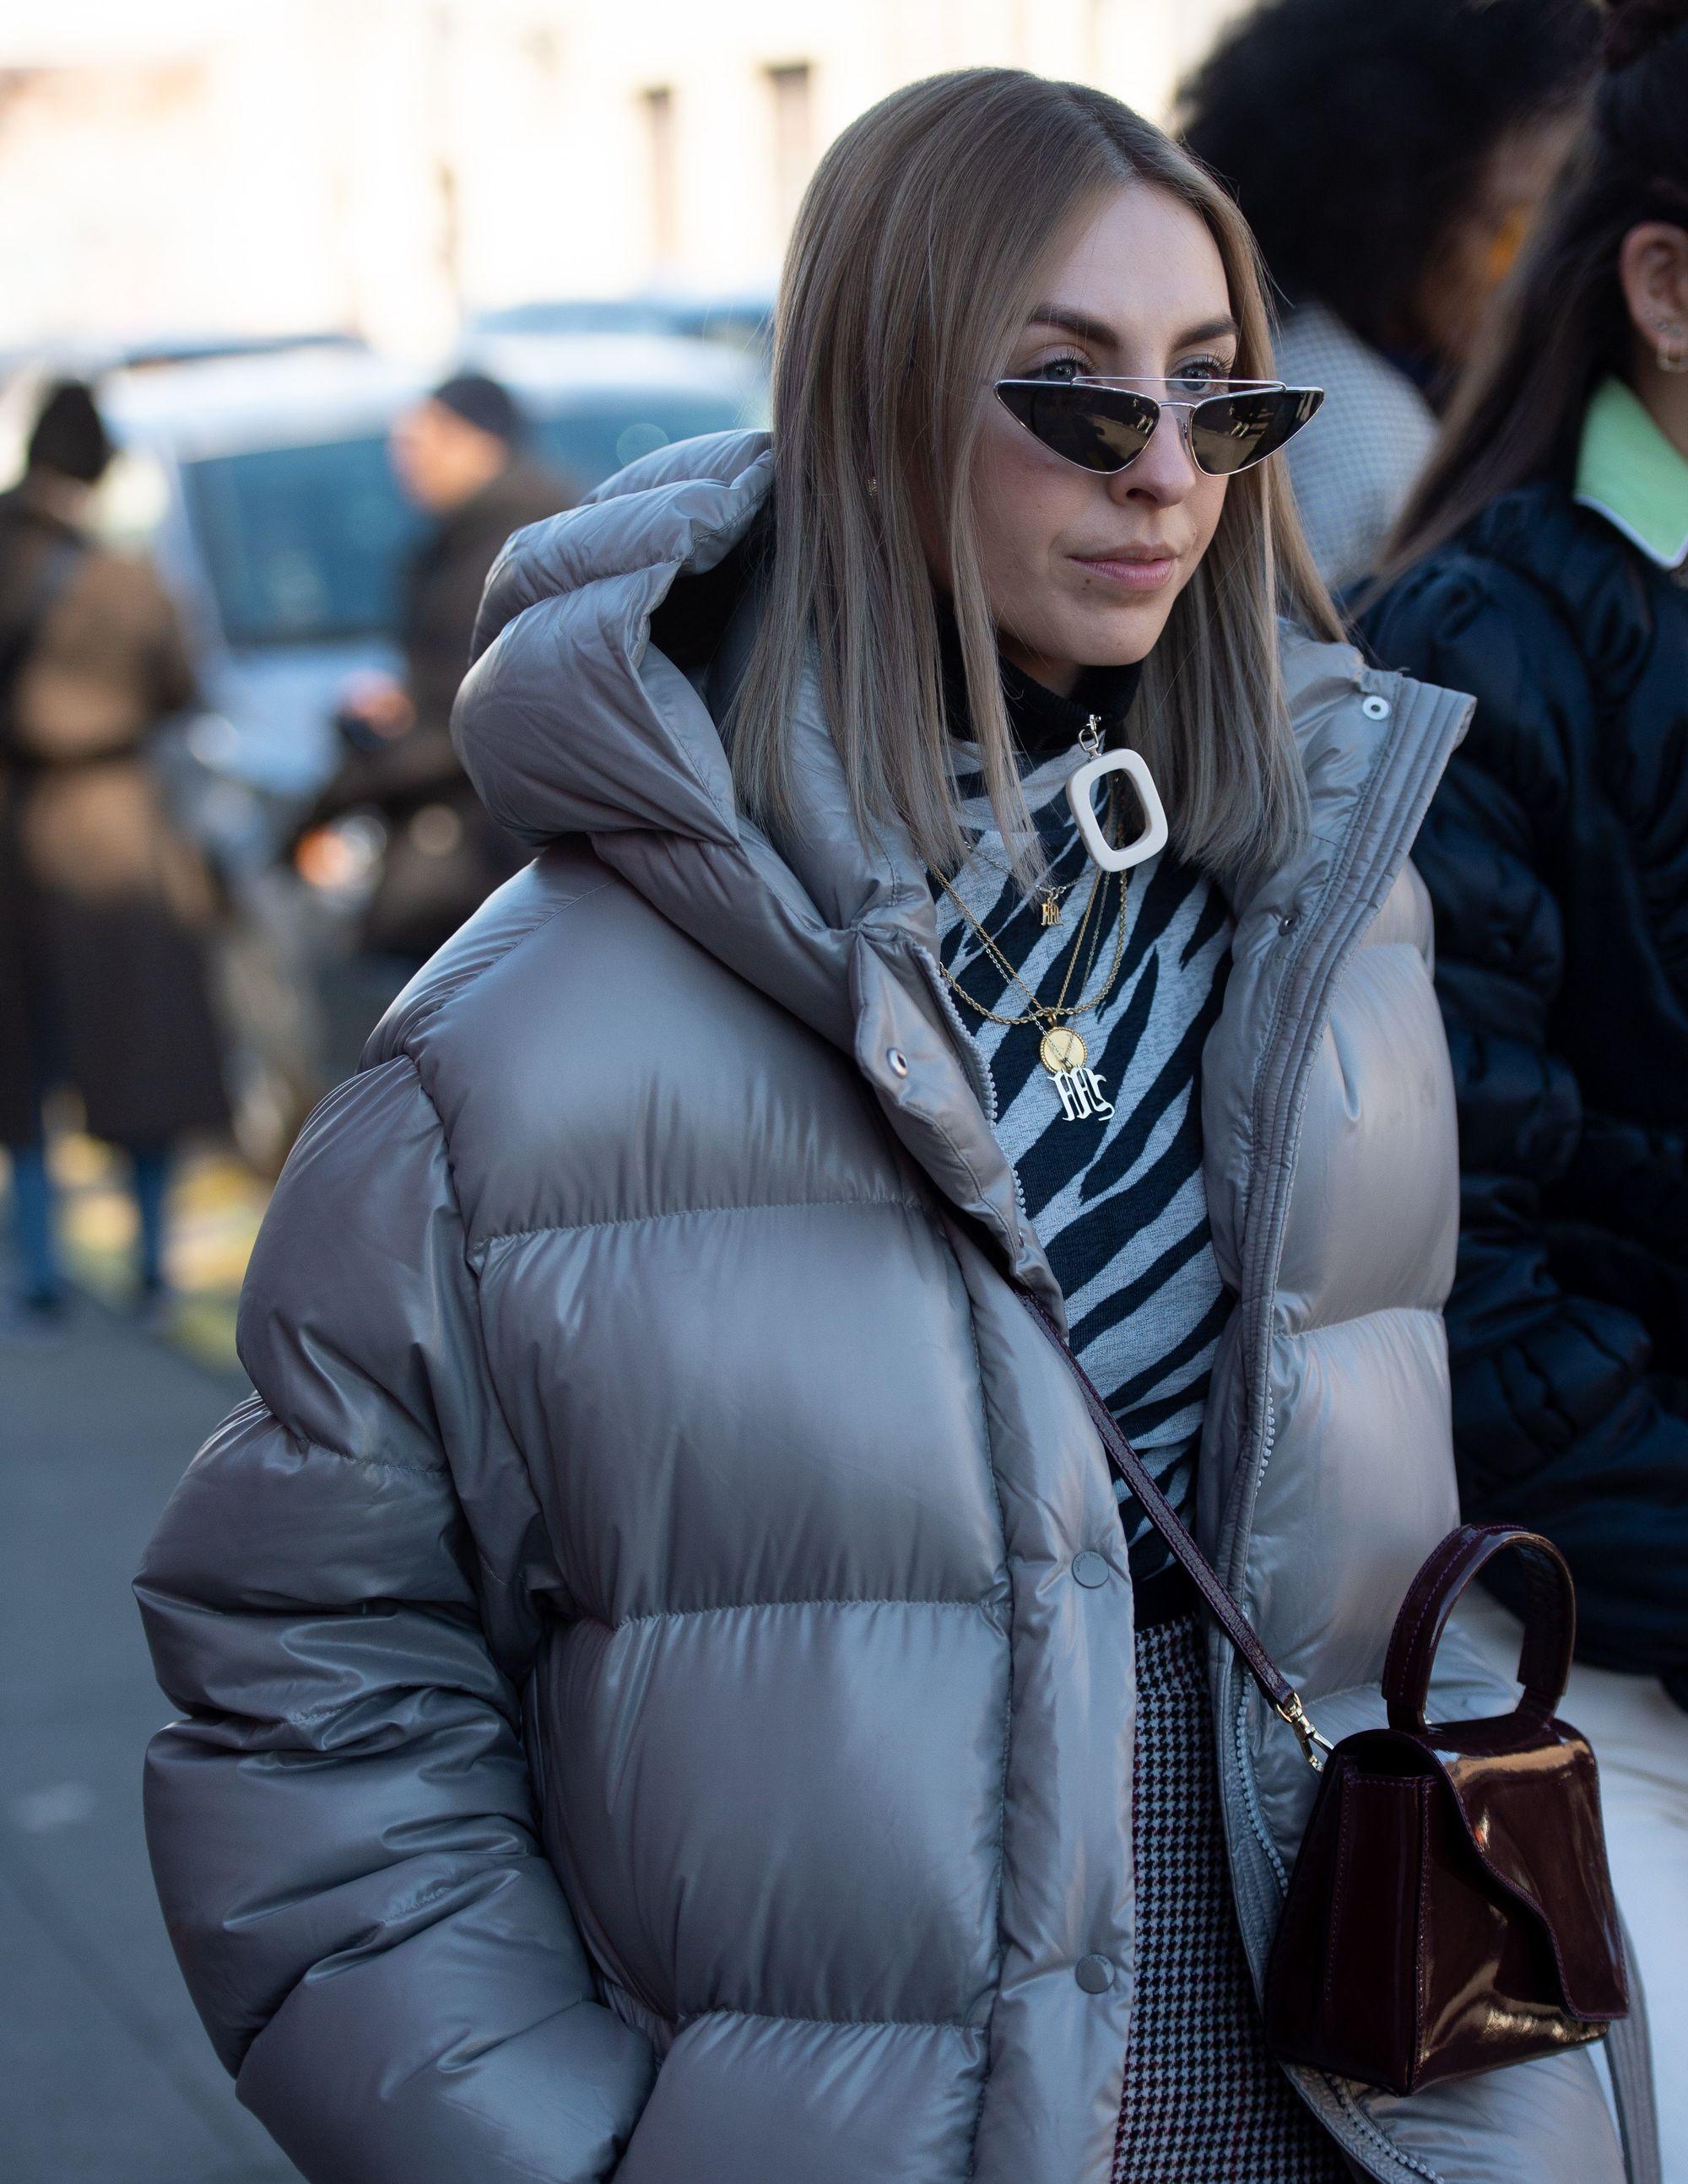 Femme aux cheveux châtain foncé longueur épaule avec une ombre blonde cendrée, portant une veste polaire grise avec des micro lunettes à l'extérieur.